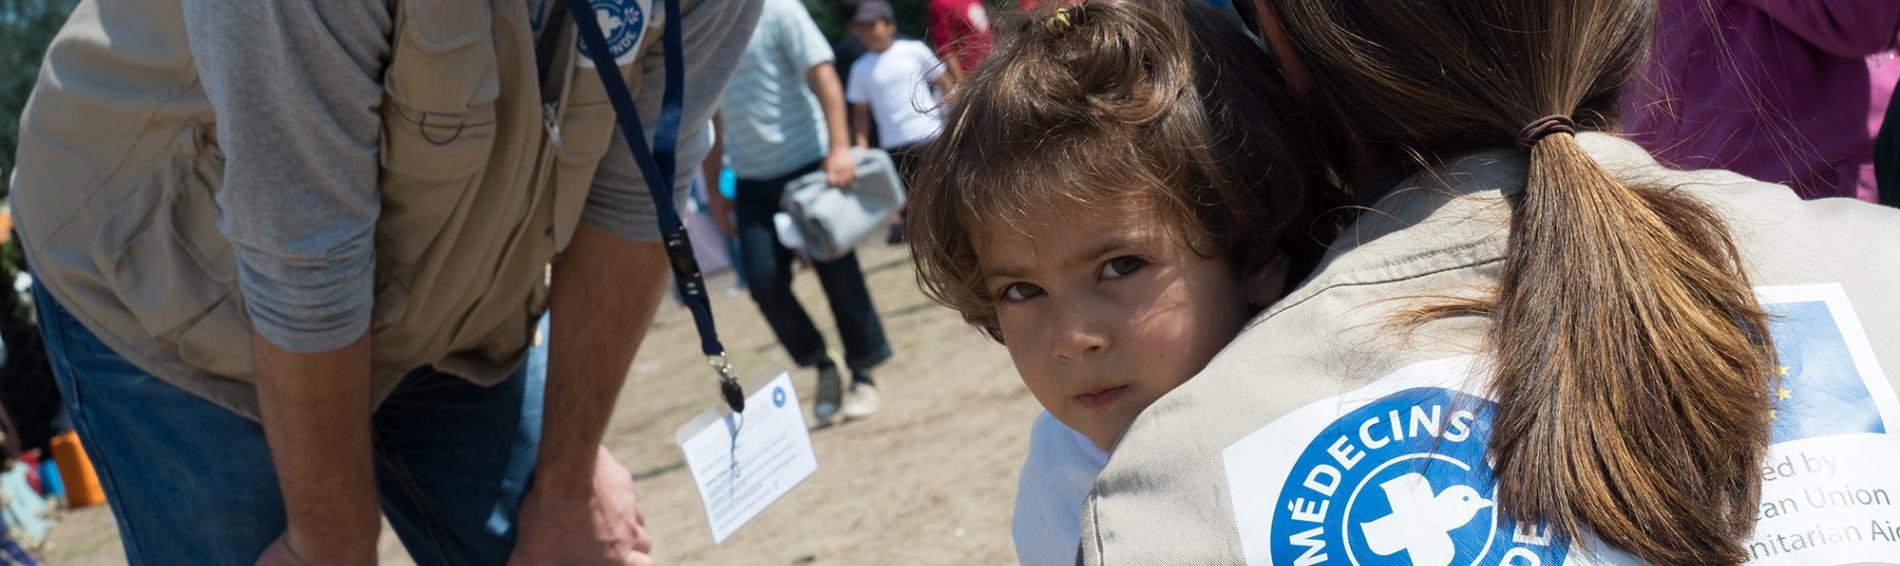 An der Grenze zwischen Hungarn und Serbien harren zahlreiche Menschen in inoffiziellen Lager aus in der Hoffnung auf eine Weiterreise Richtung Zentraleuropa. Foto: Guillaume Pinon